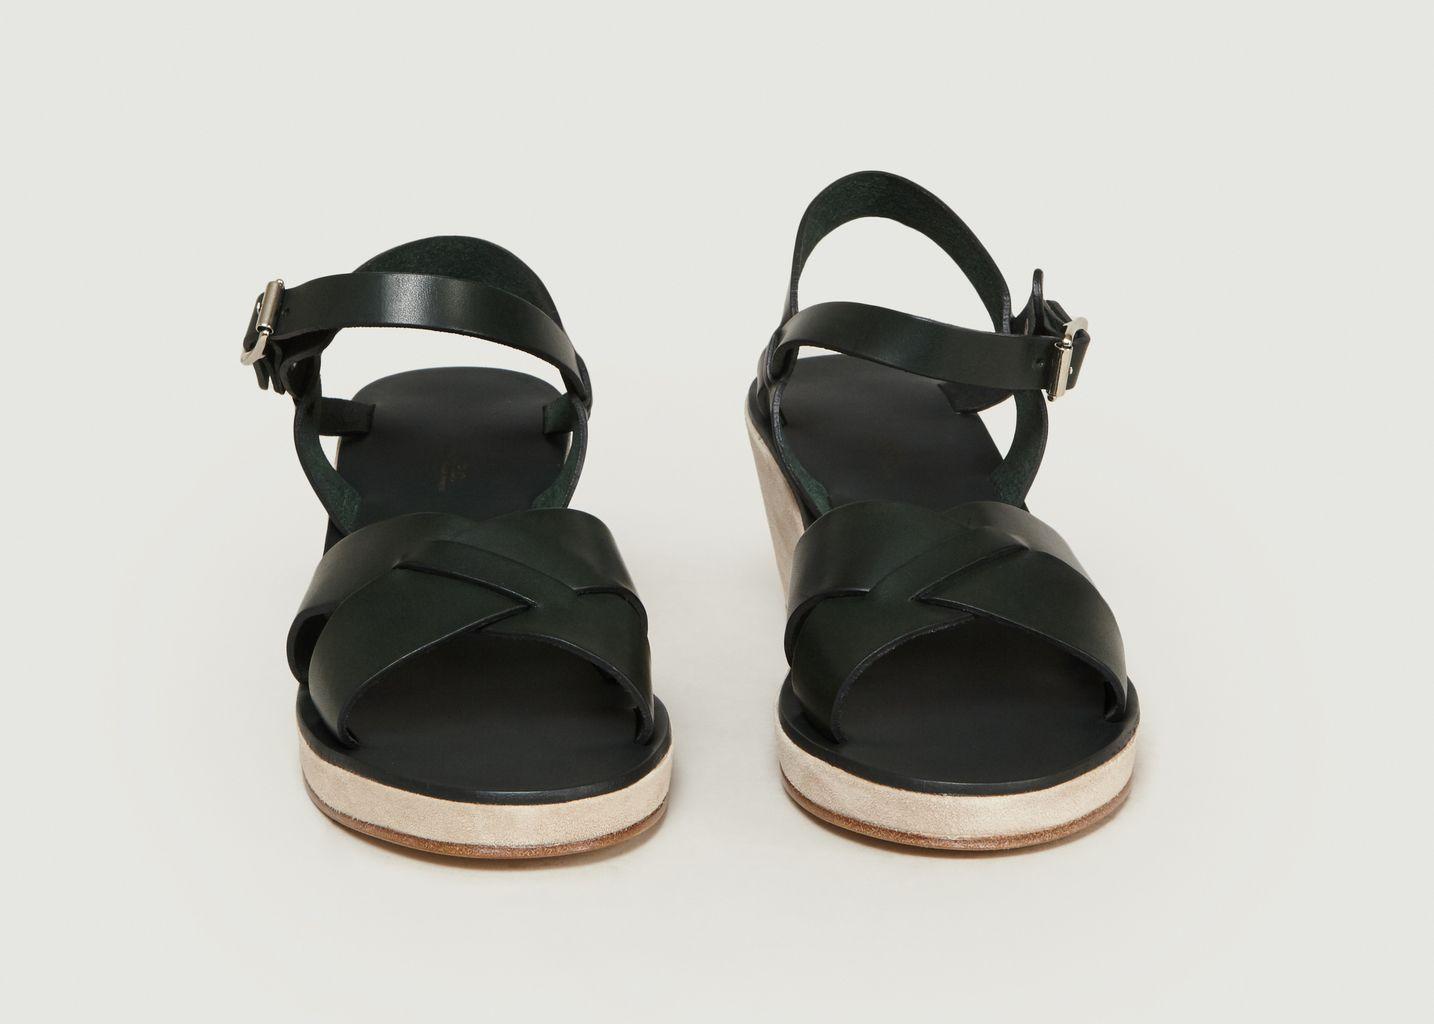 Sandales Compensées Judith - A.P.C.